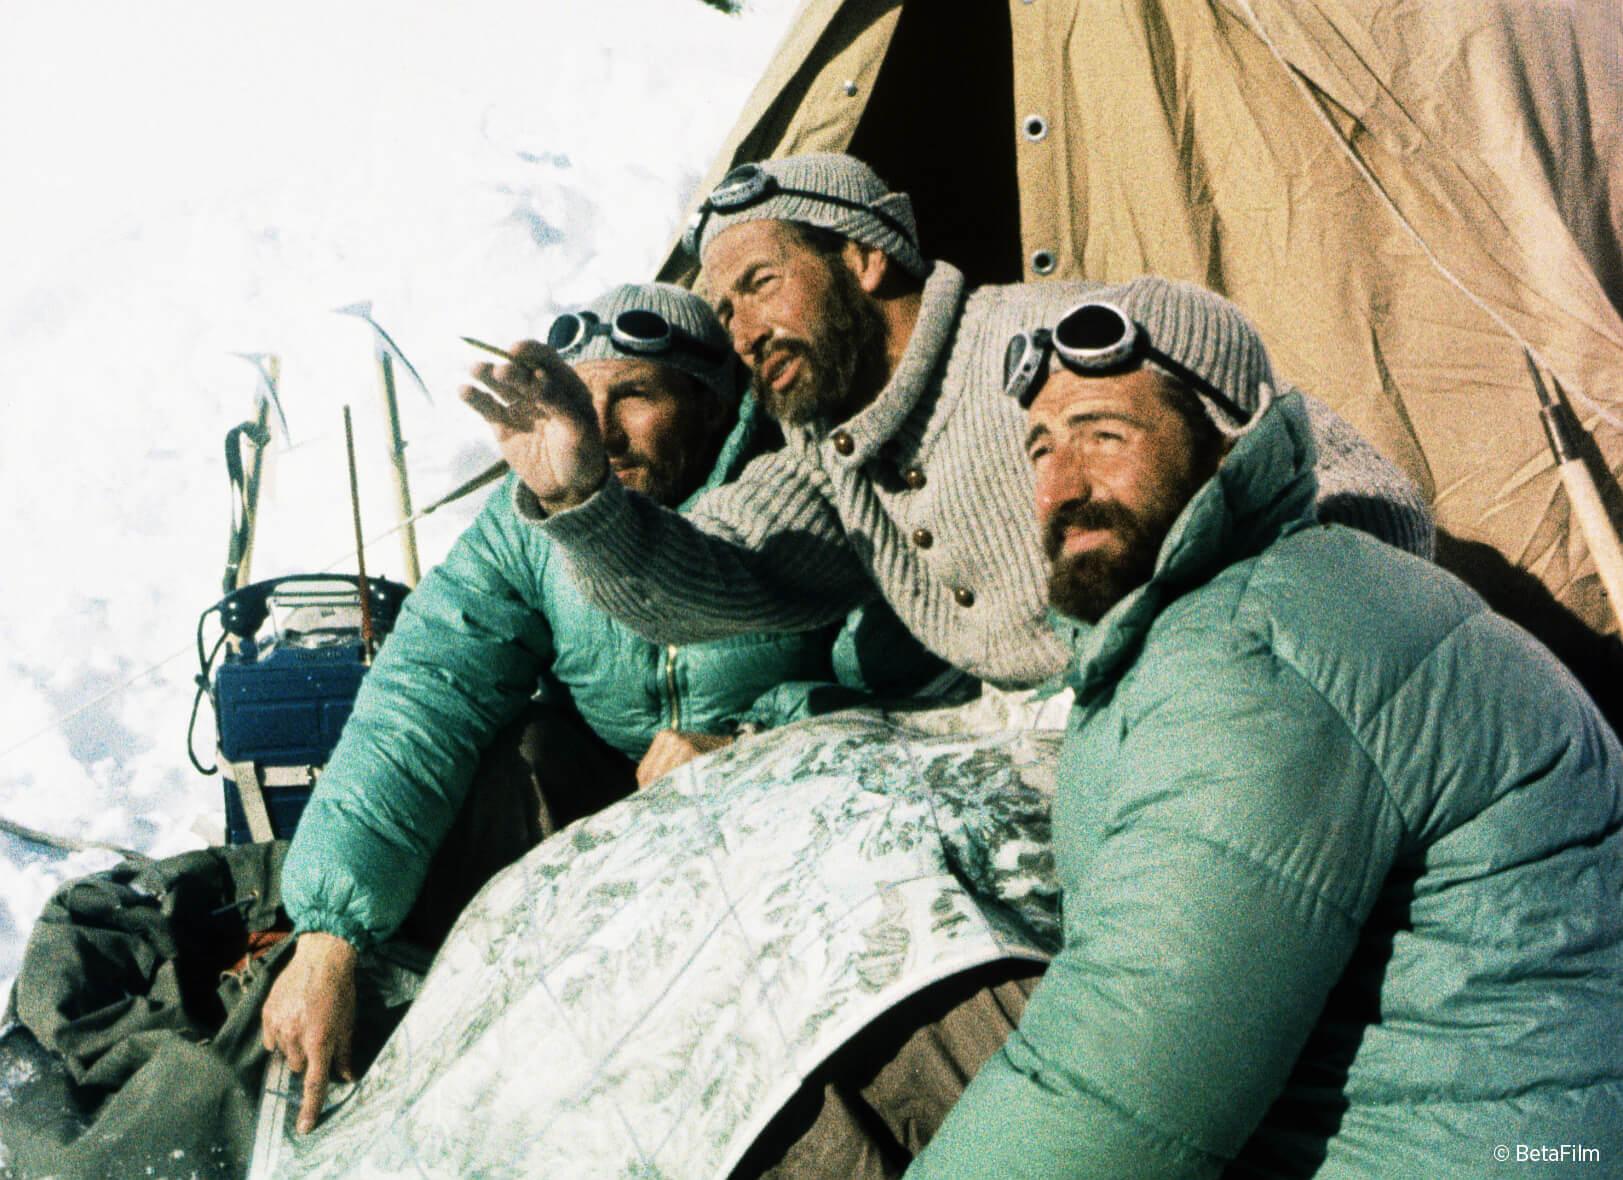 """Filmszene aus """"Nanga Parbat"""" von 1953, drei Bergsteiger mit Landkarte beraten sich"""